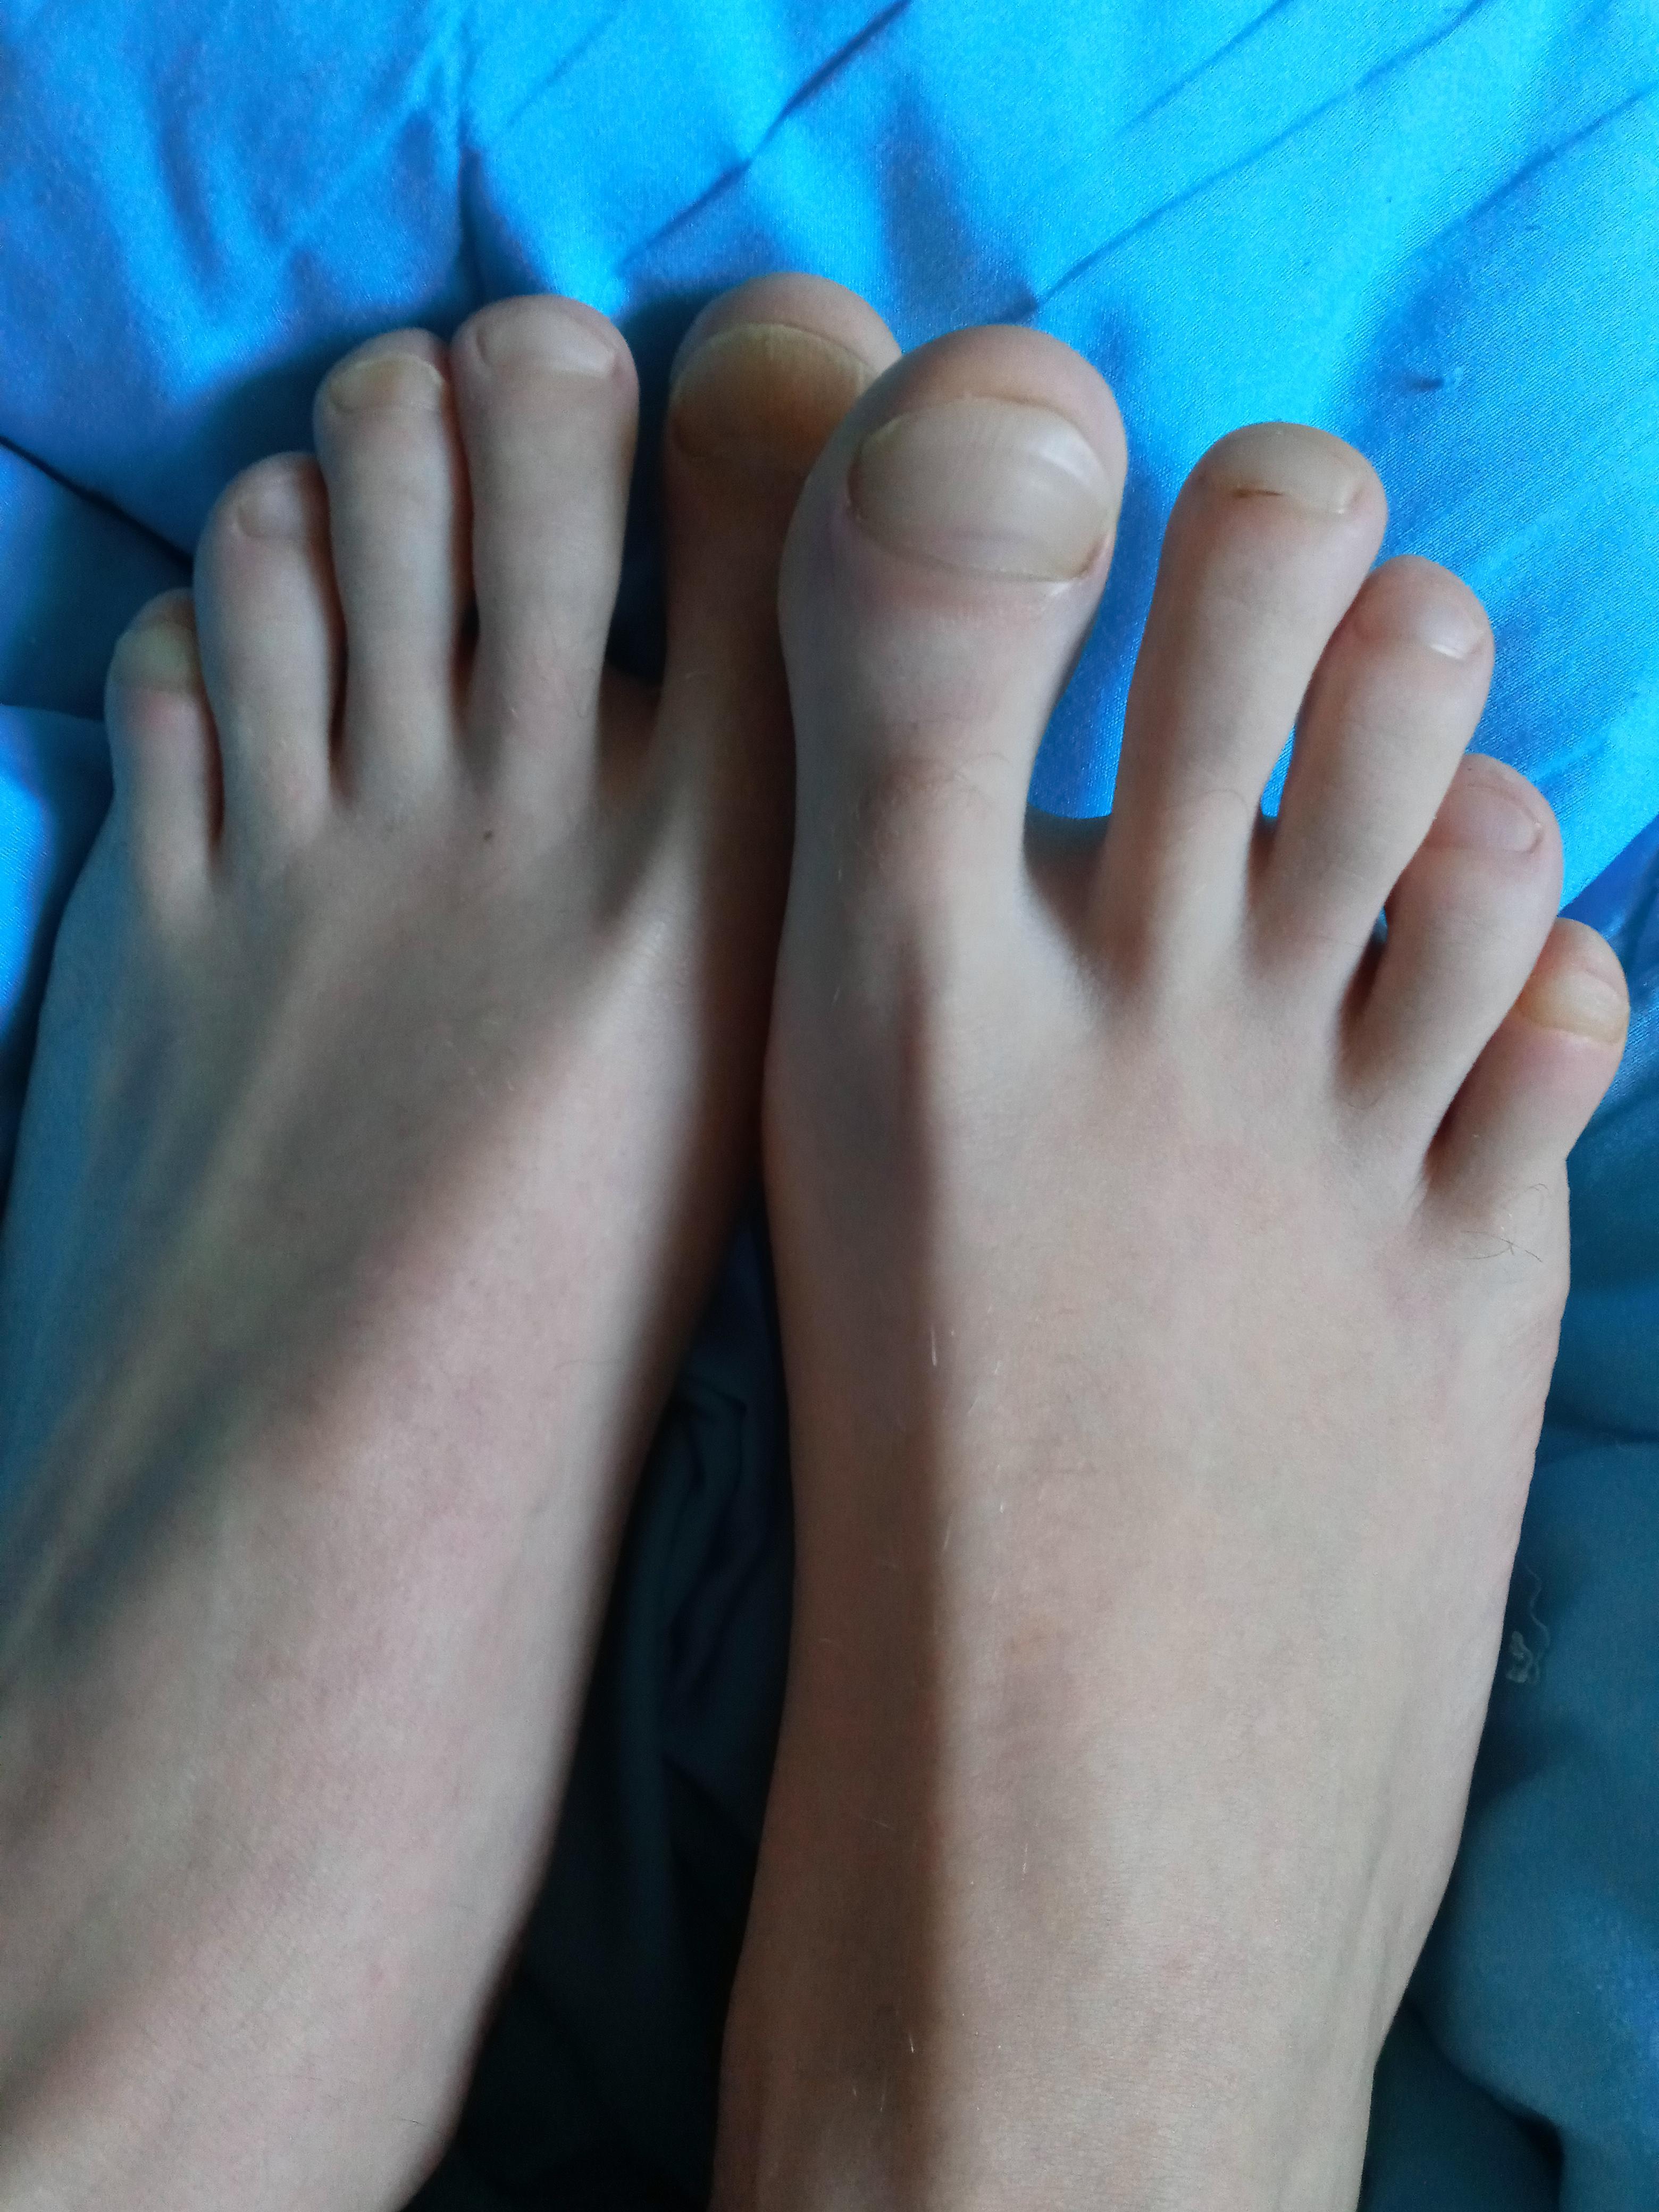 Warum schauen so viele auf meine Füße? (Computer, barfuß)